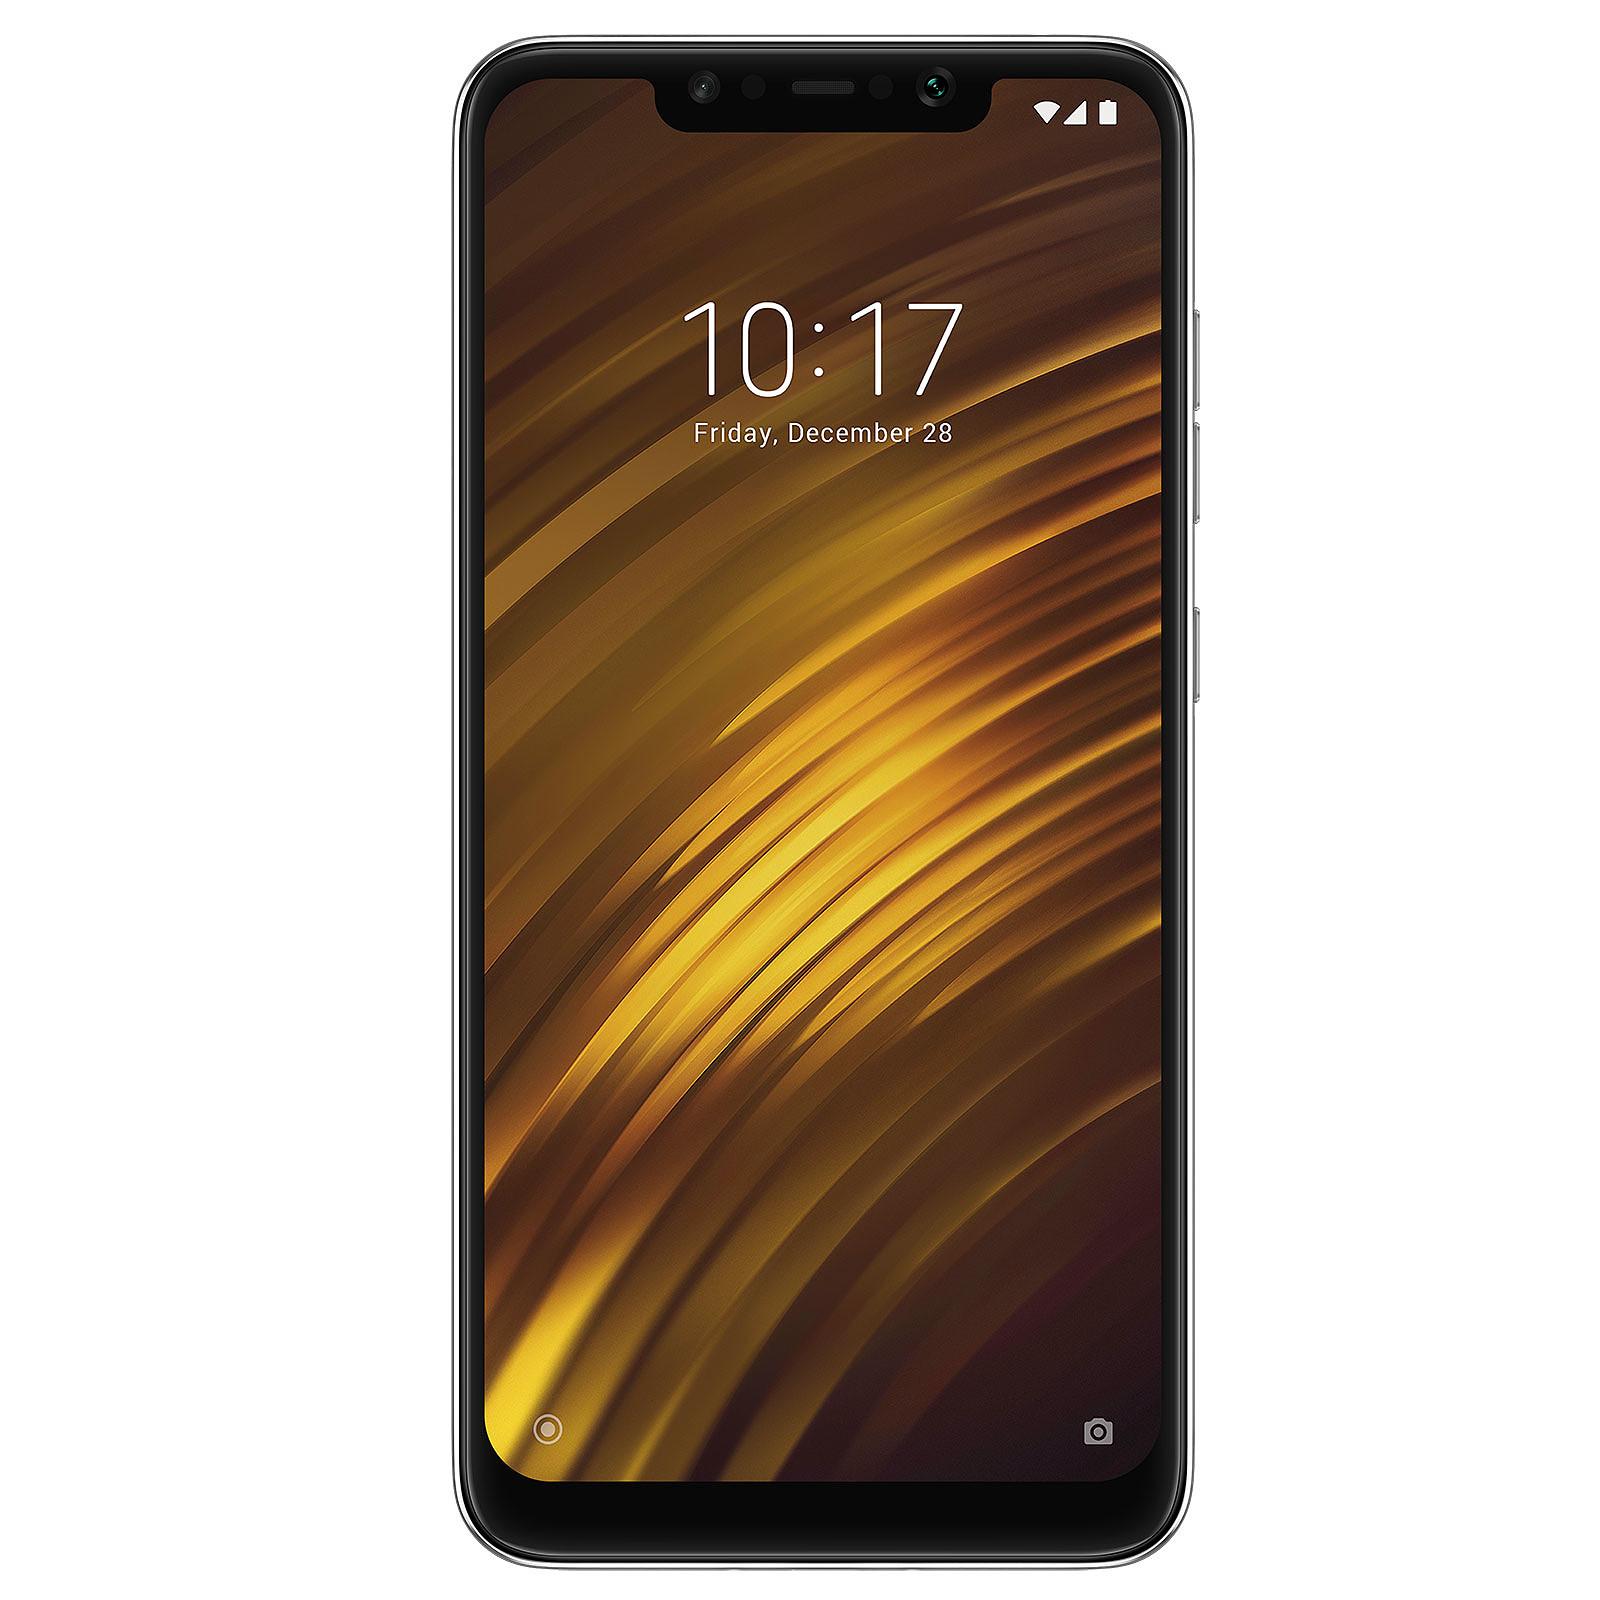 Xiaomi Pocophone F1 Noir Graphite (6 Go / 128 Go) · Occasion